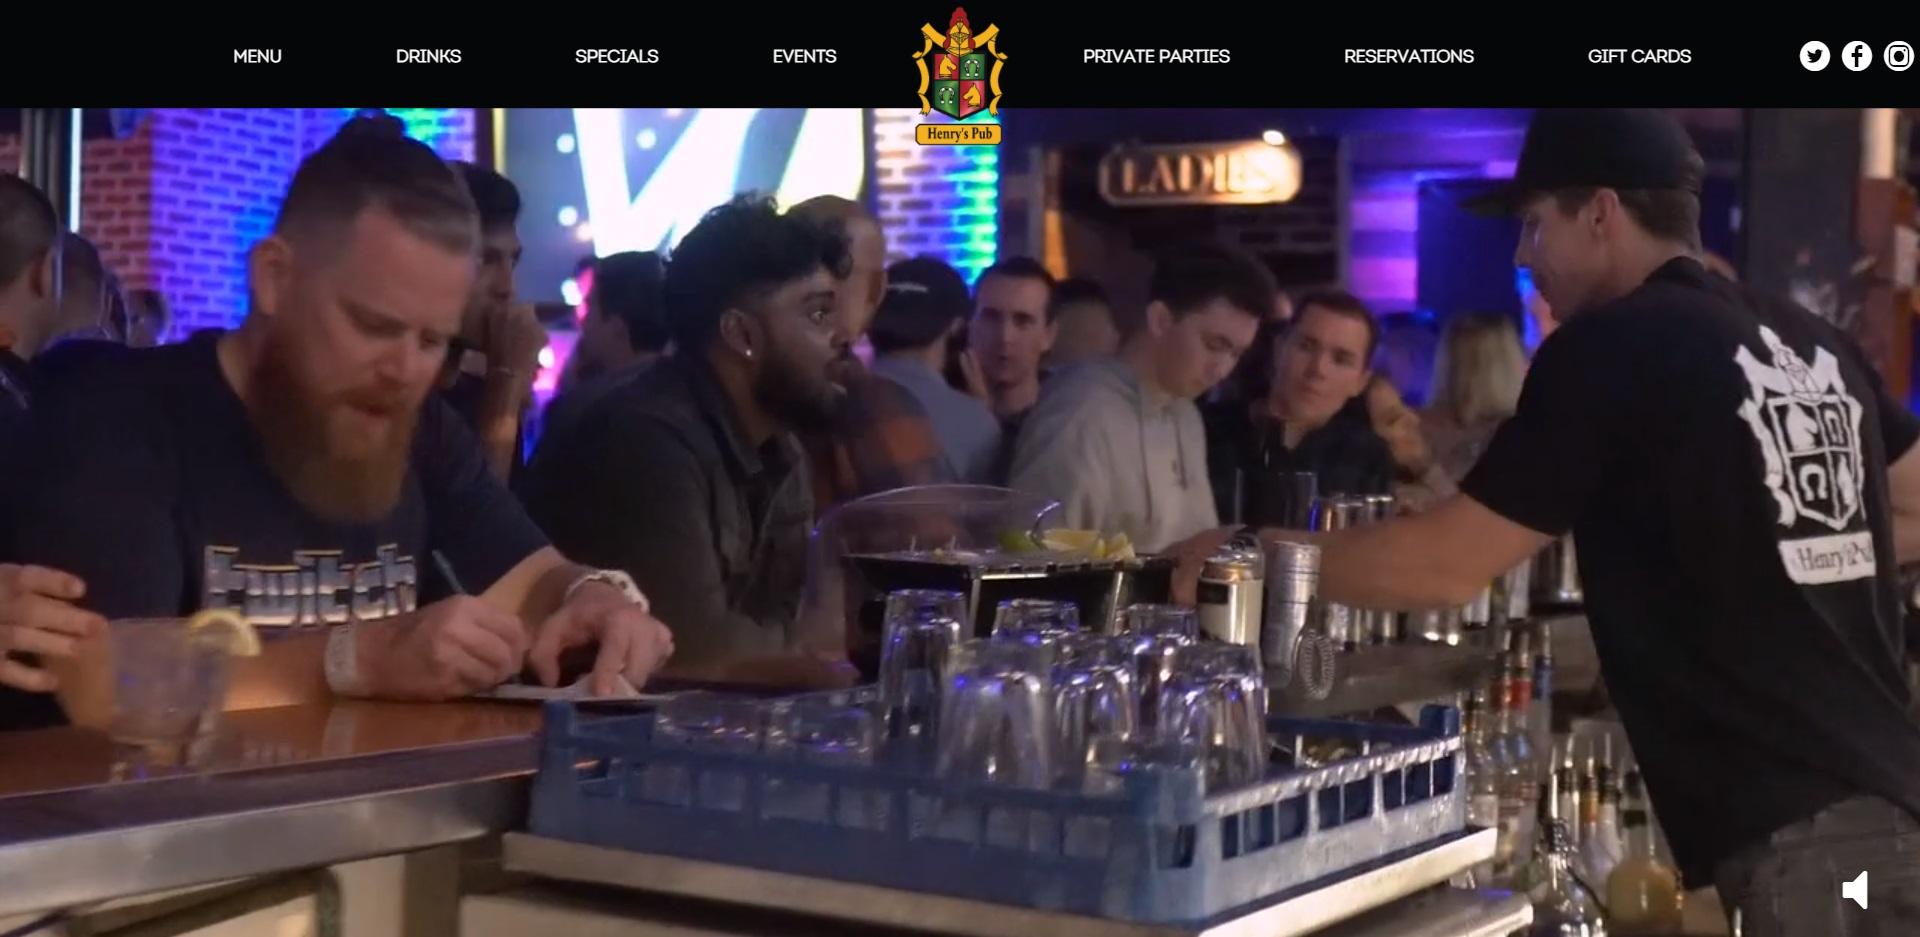 San Diego Best Pubs